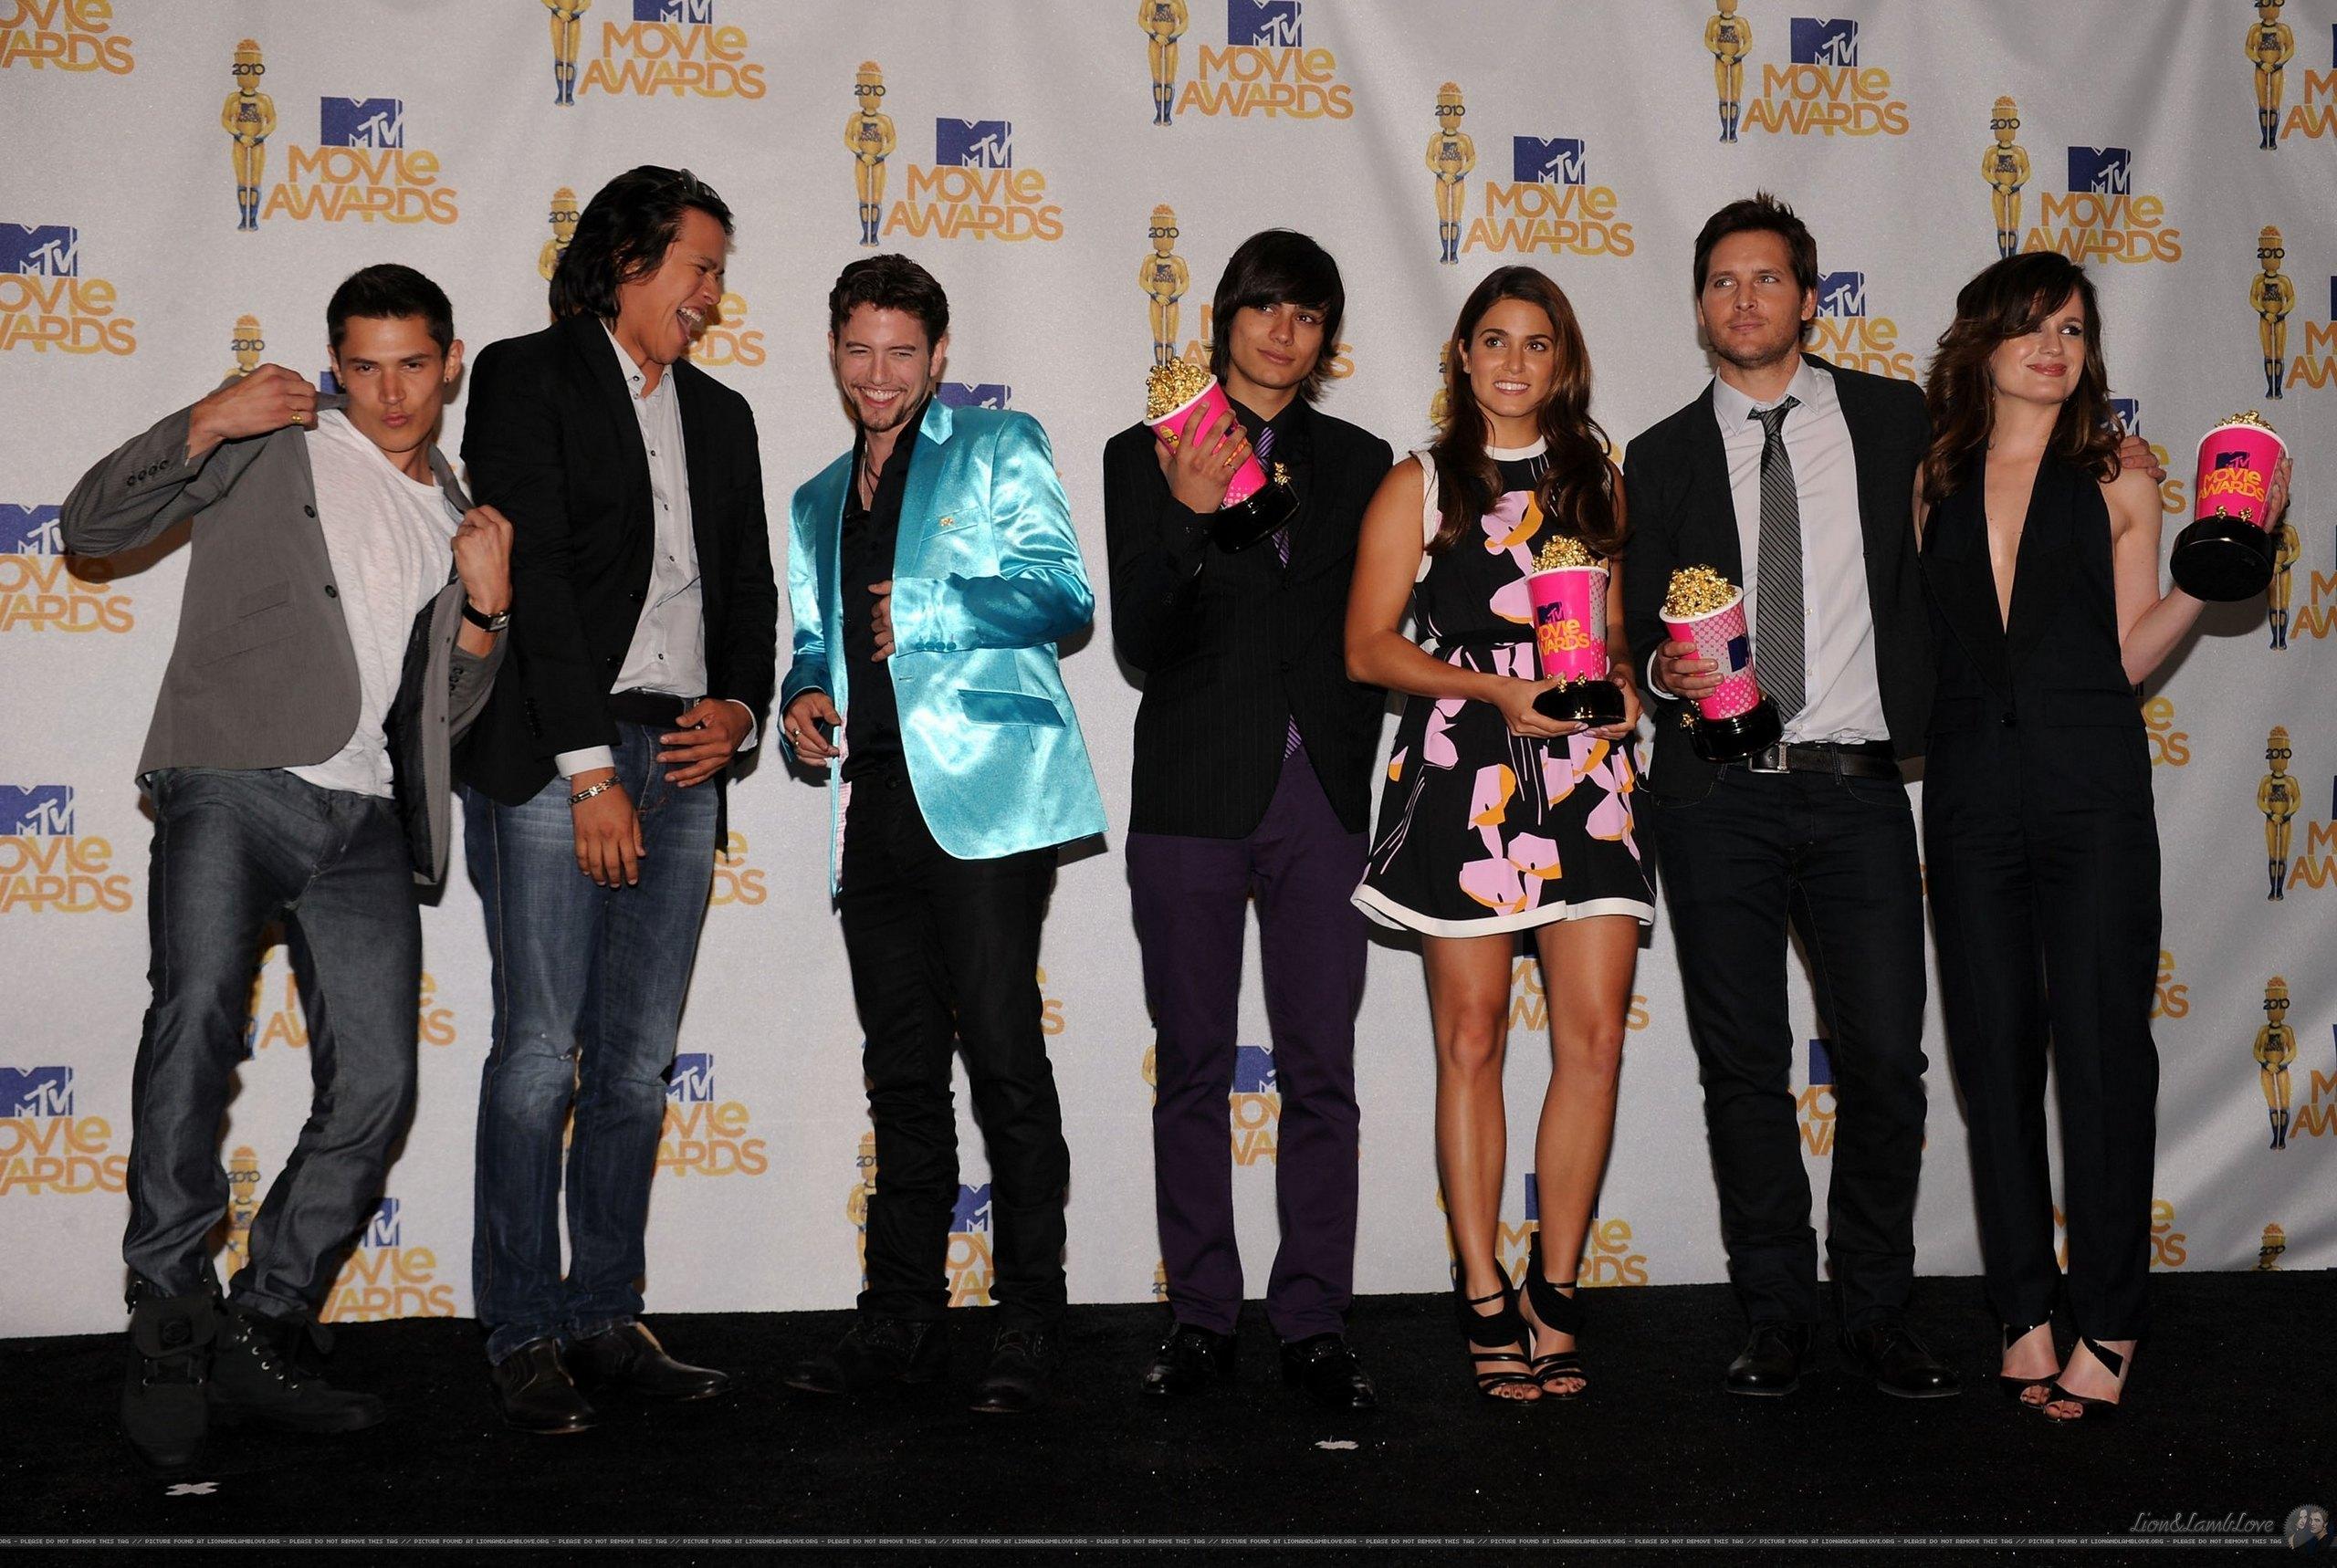 2010 MTV Movie Awards - Press Room